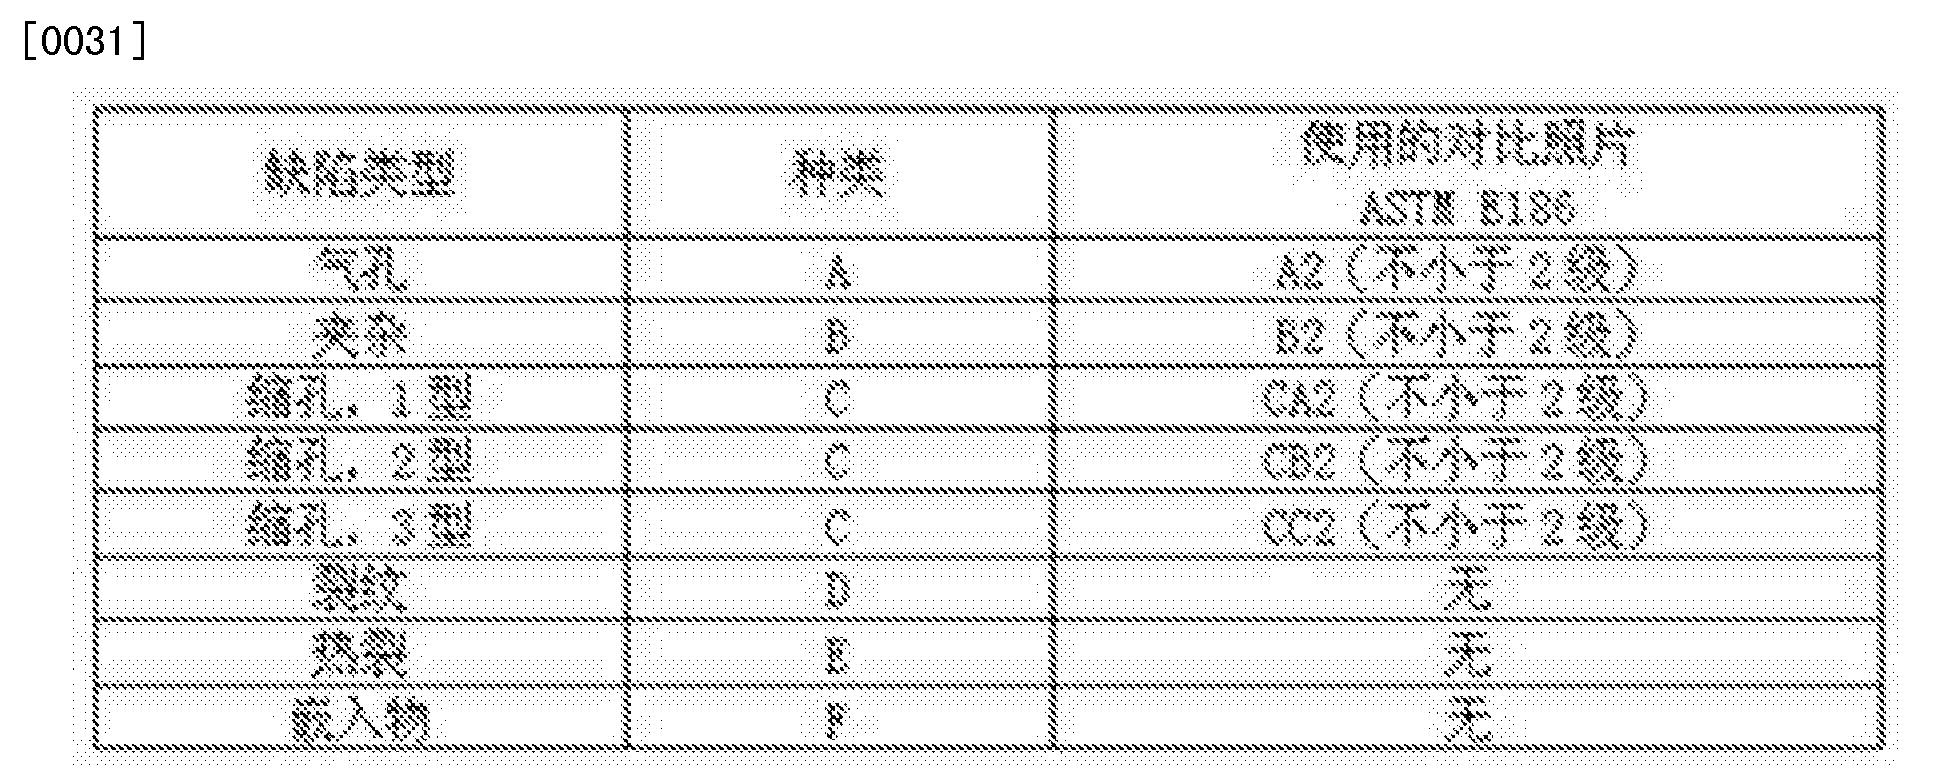 Figure CN104190874BD00051